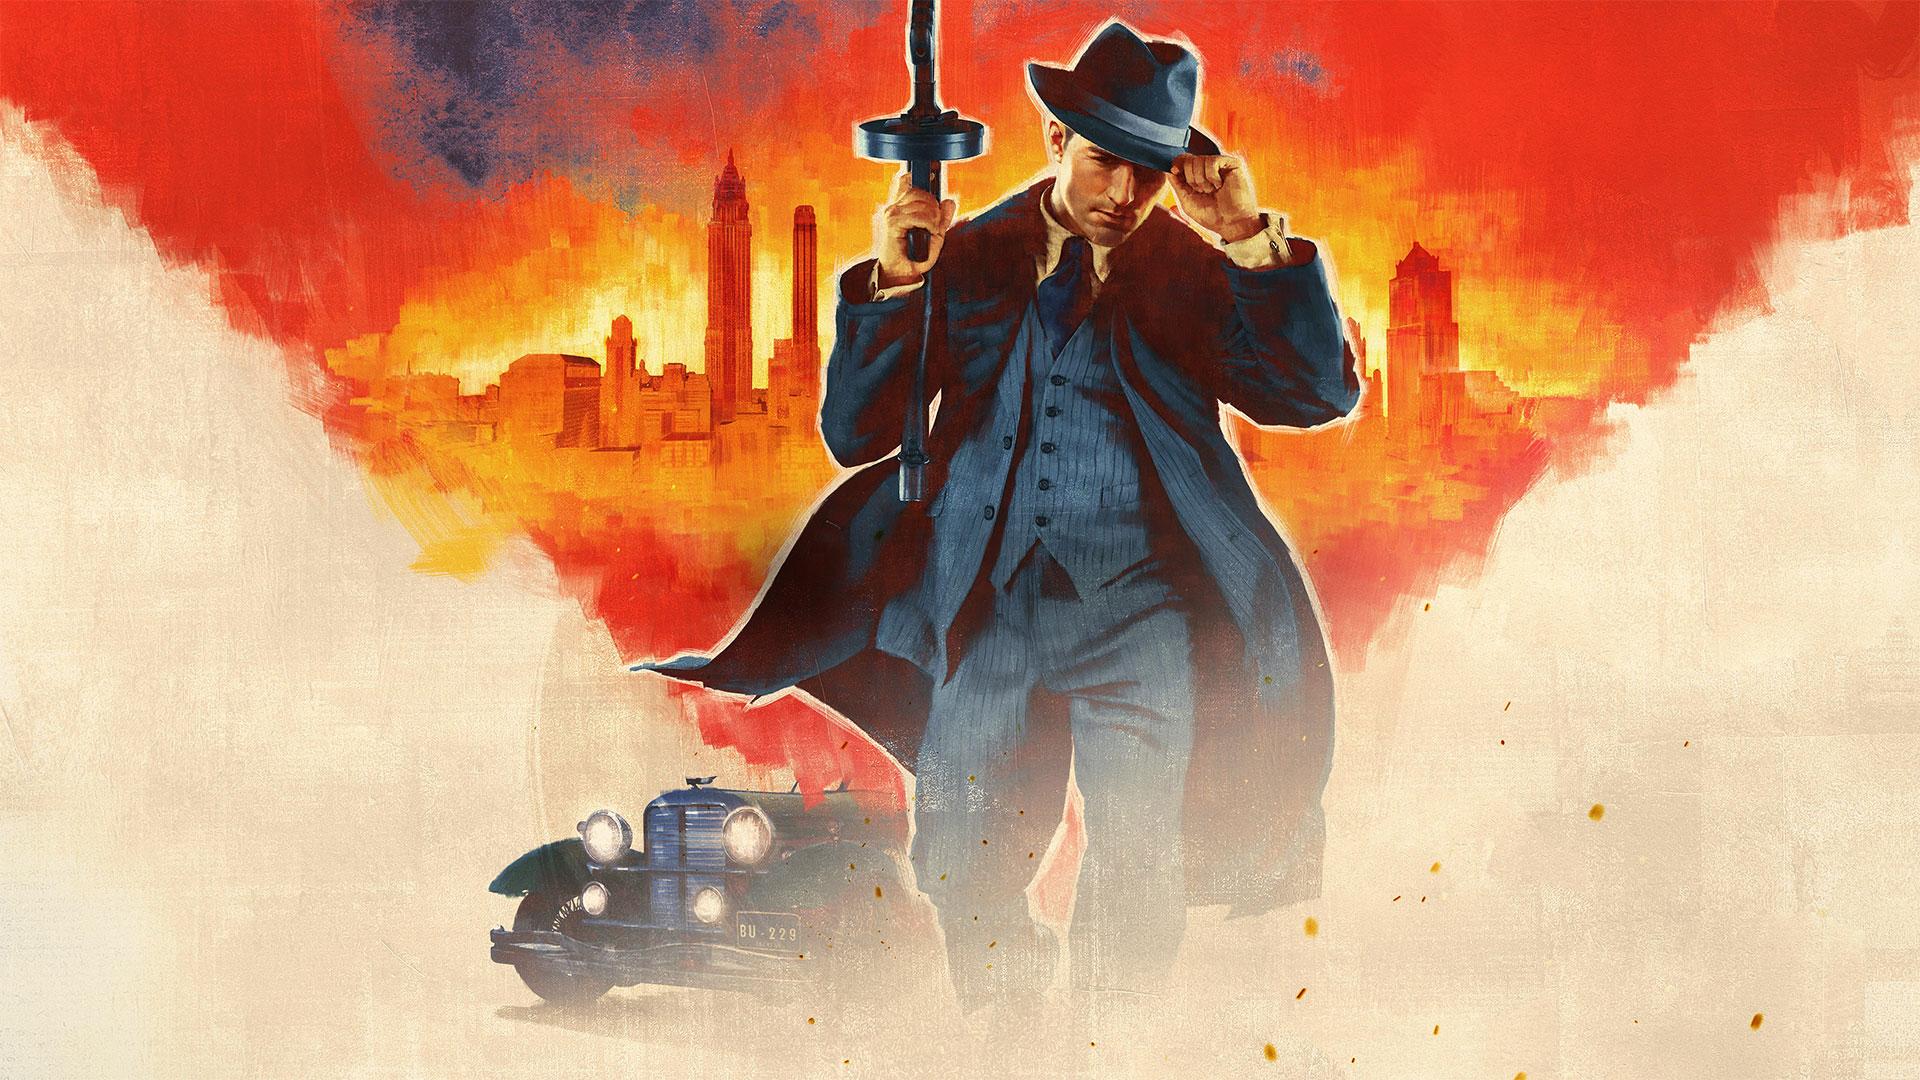 نقد و بررسی بازی Mafia Definitive Edition